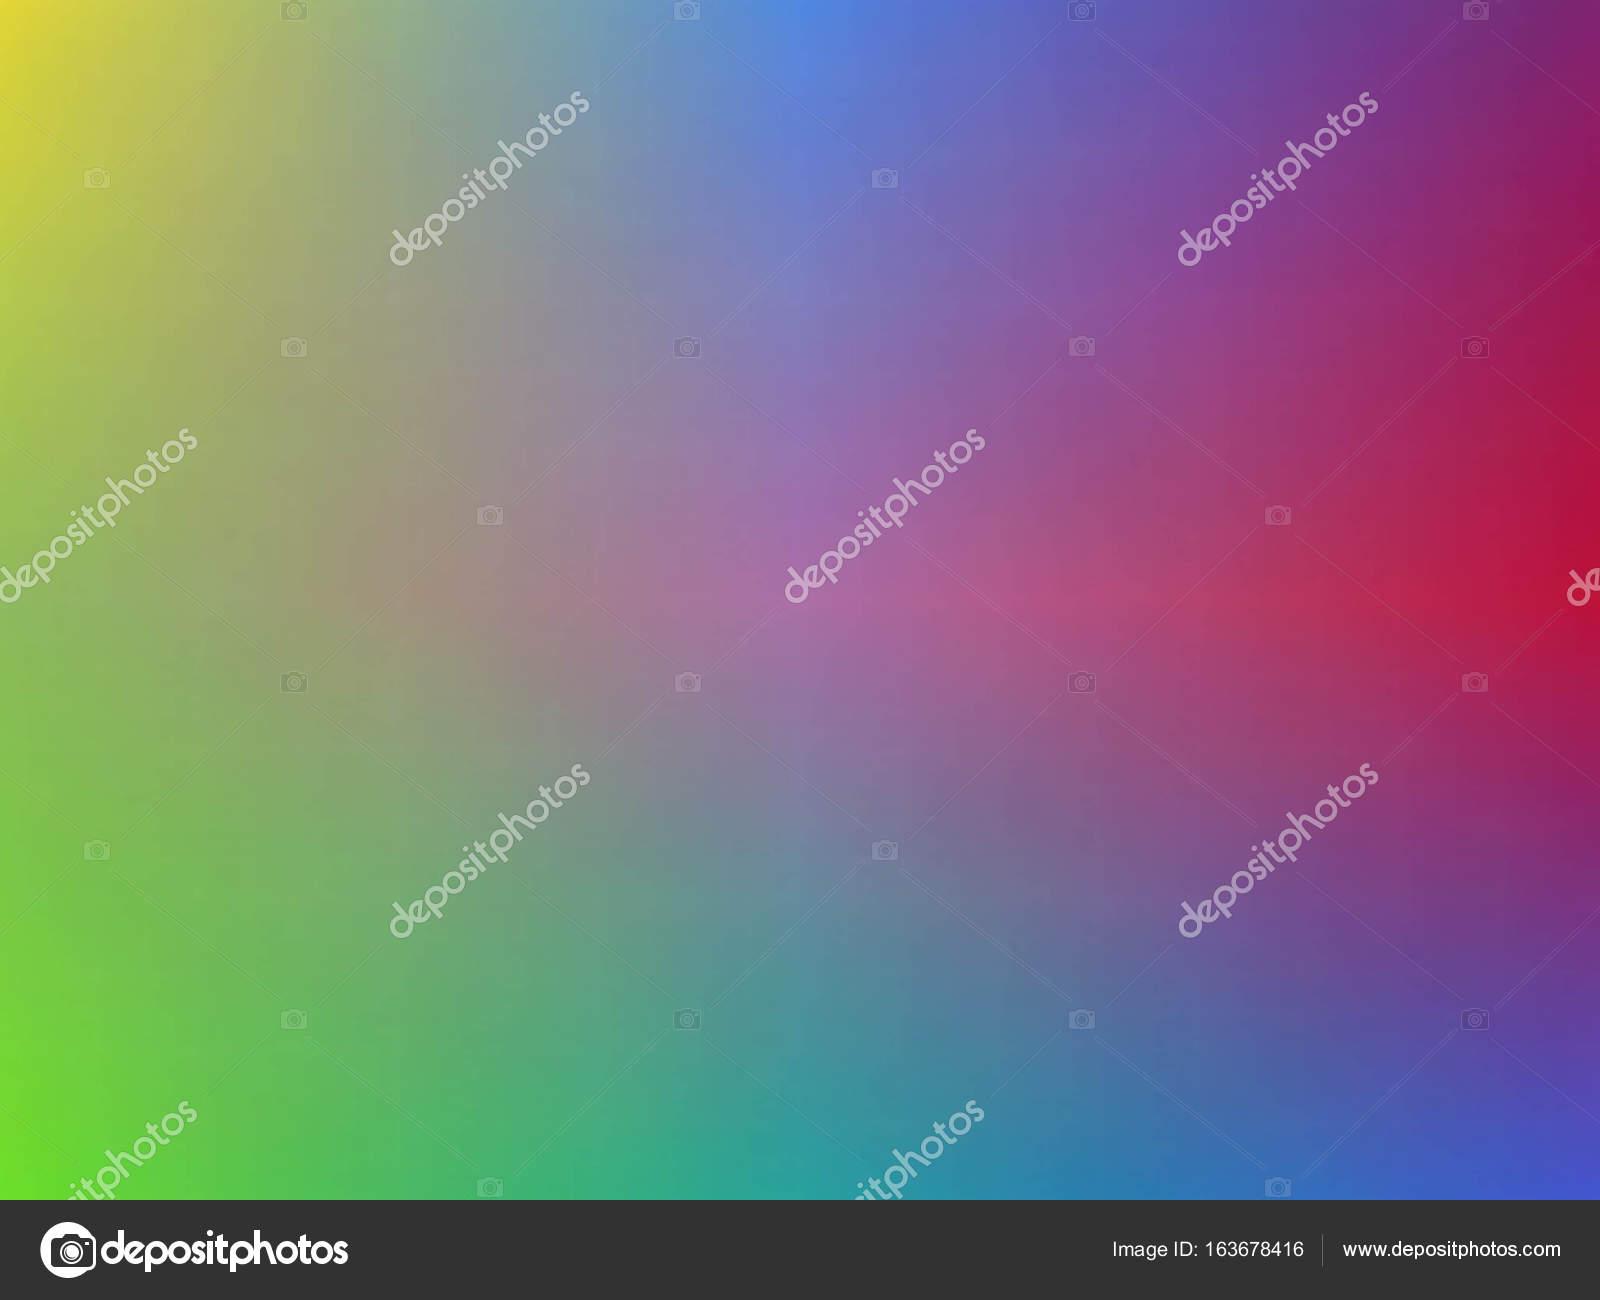 Gemischte Farbe Zu Verwischen, Abstrakten Hintergrund, Muster, Tapeten,  Glatte Steigung Textur Farb Design Für Ihr Unternehmen U2014 Foto Von Ascom73